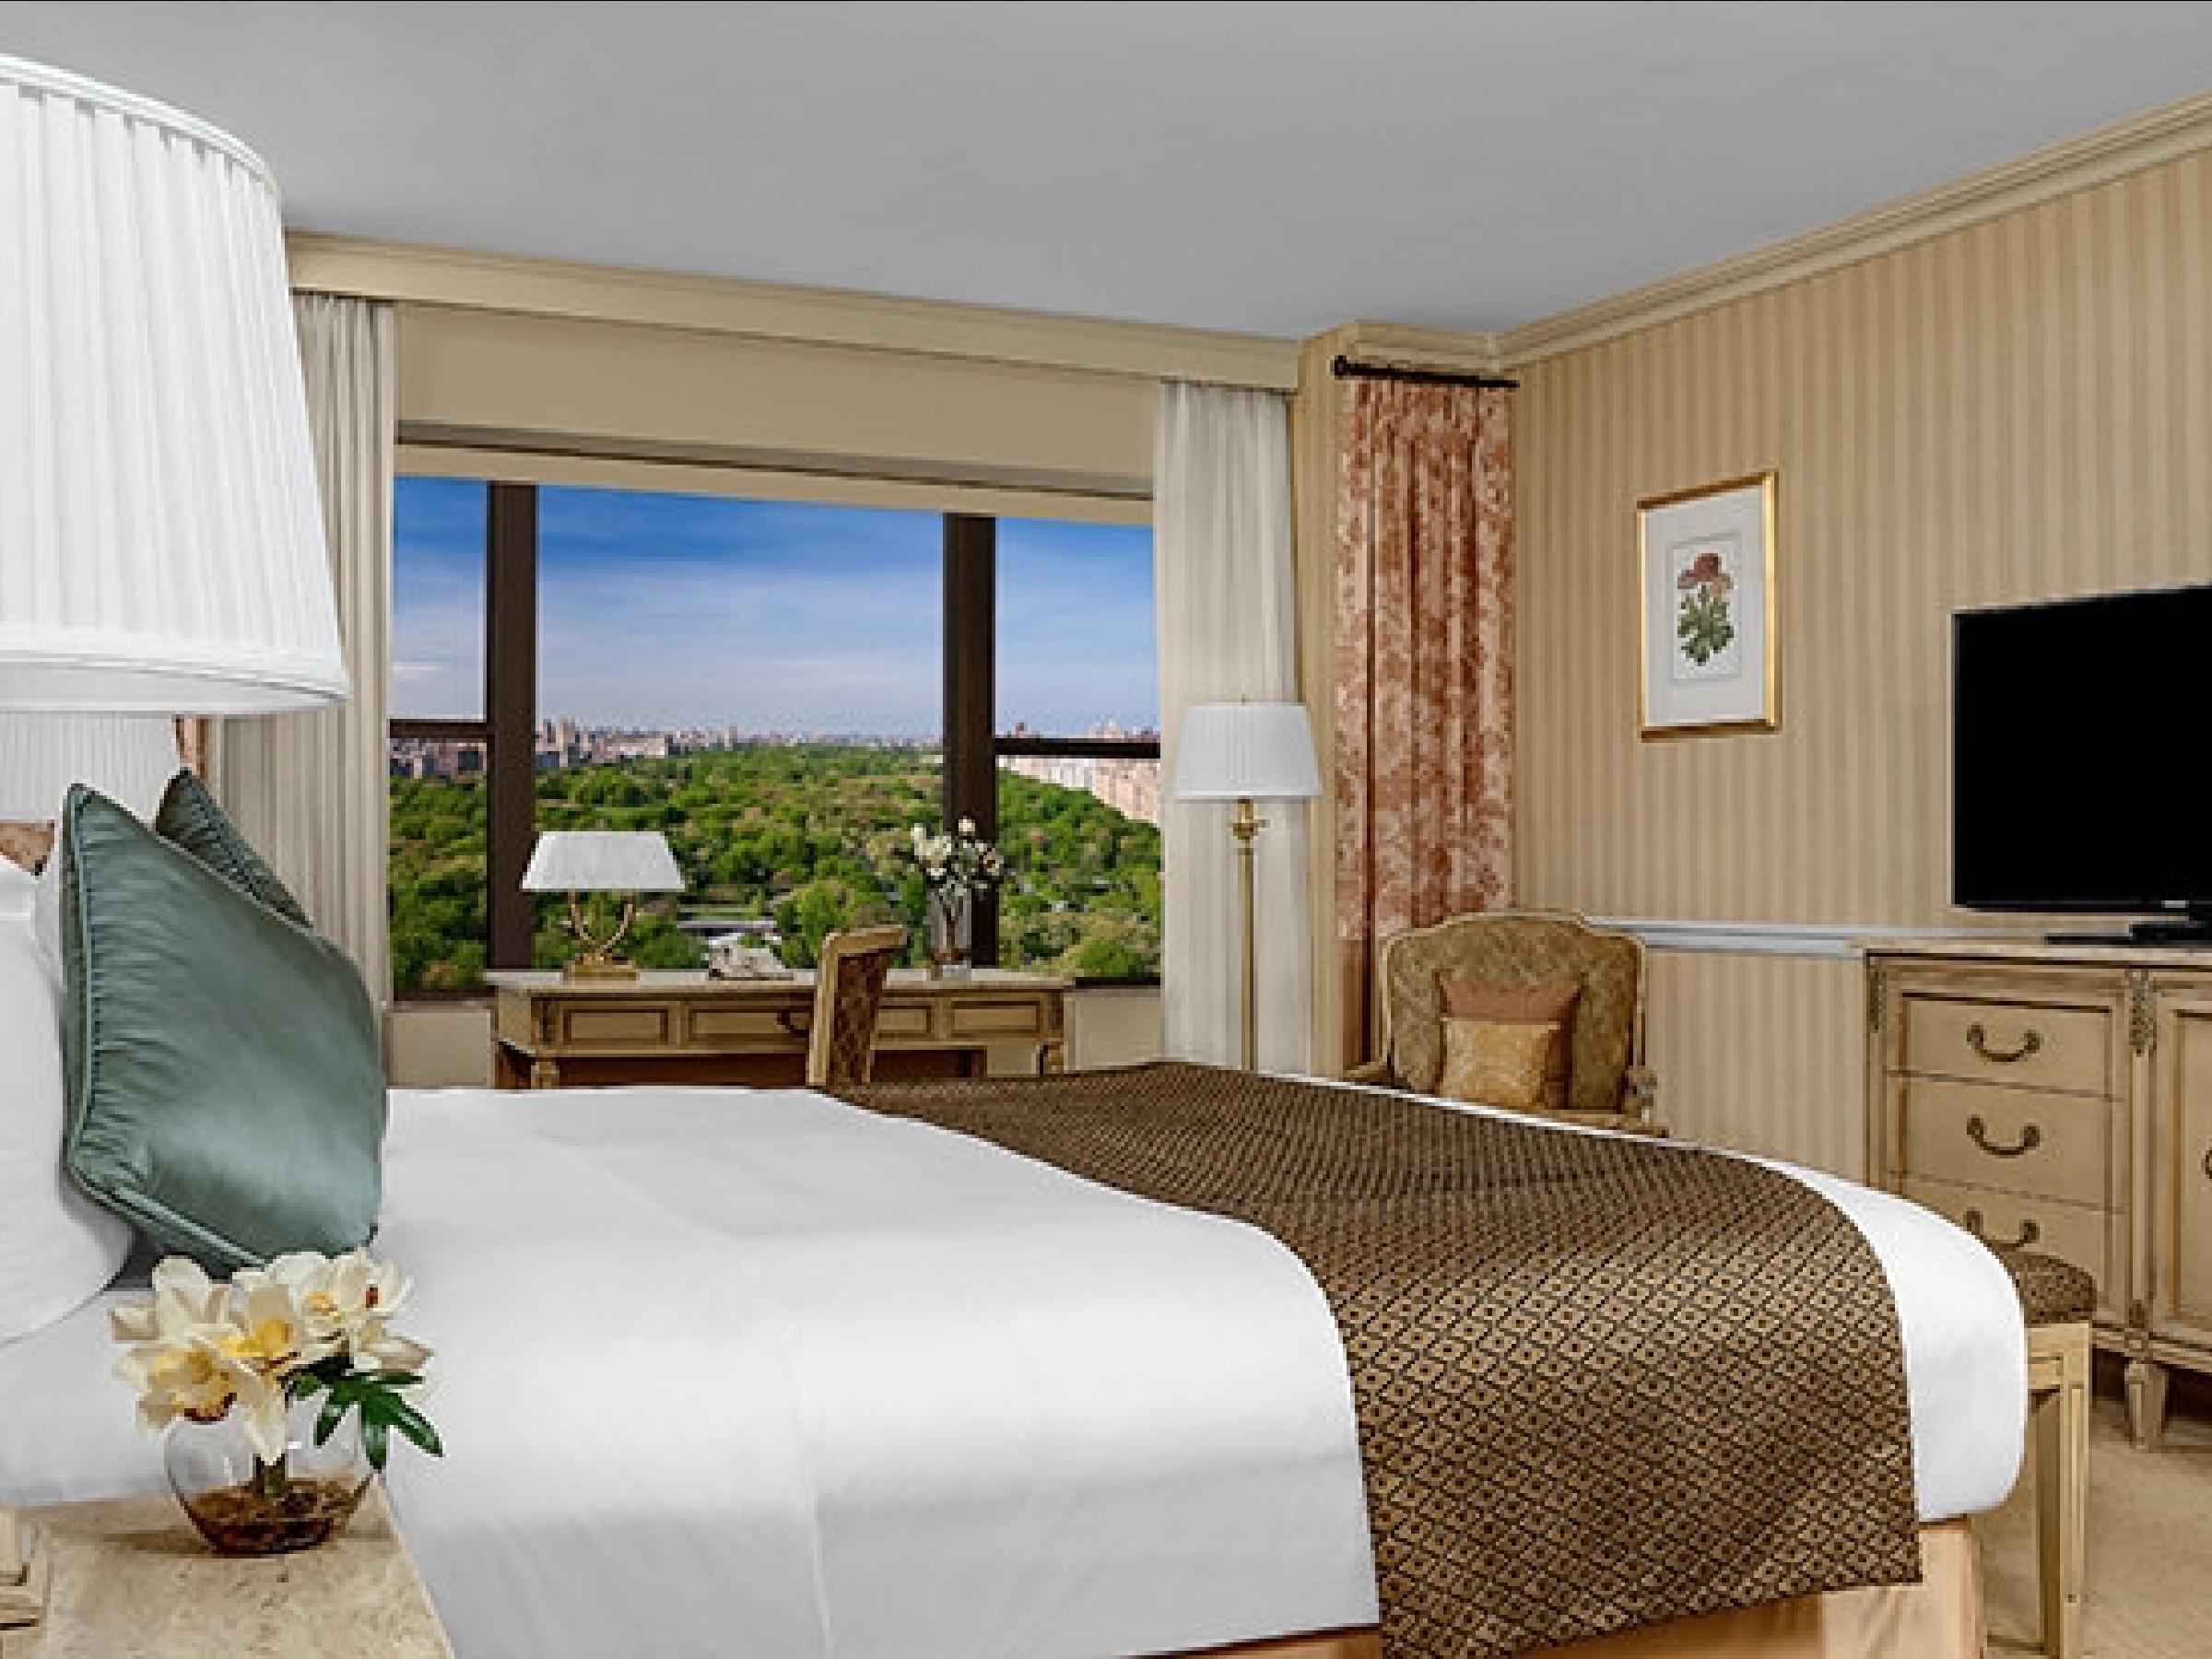 Park Lane Hotel ✩✩✩✩ - Стандартный номер:От $160 за ночь(В зависимости от сезона)Район: Центральный Парк